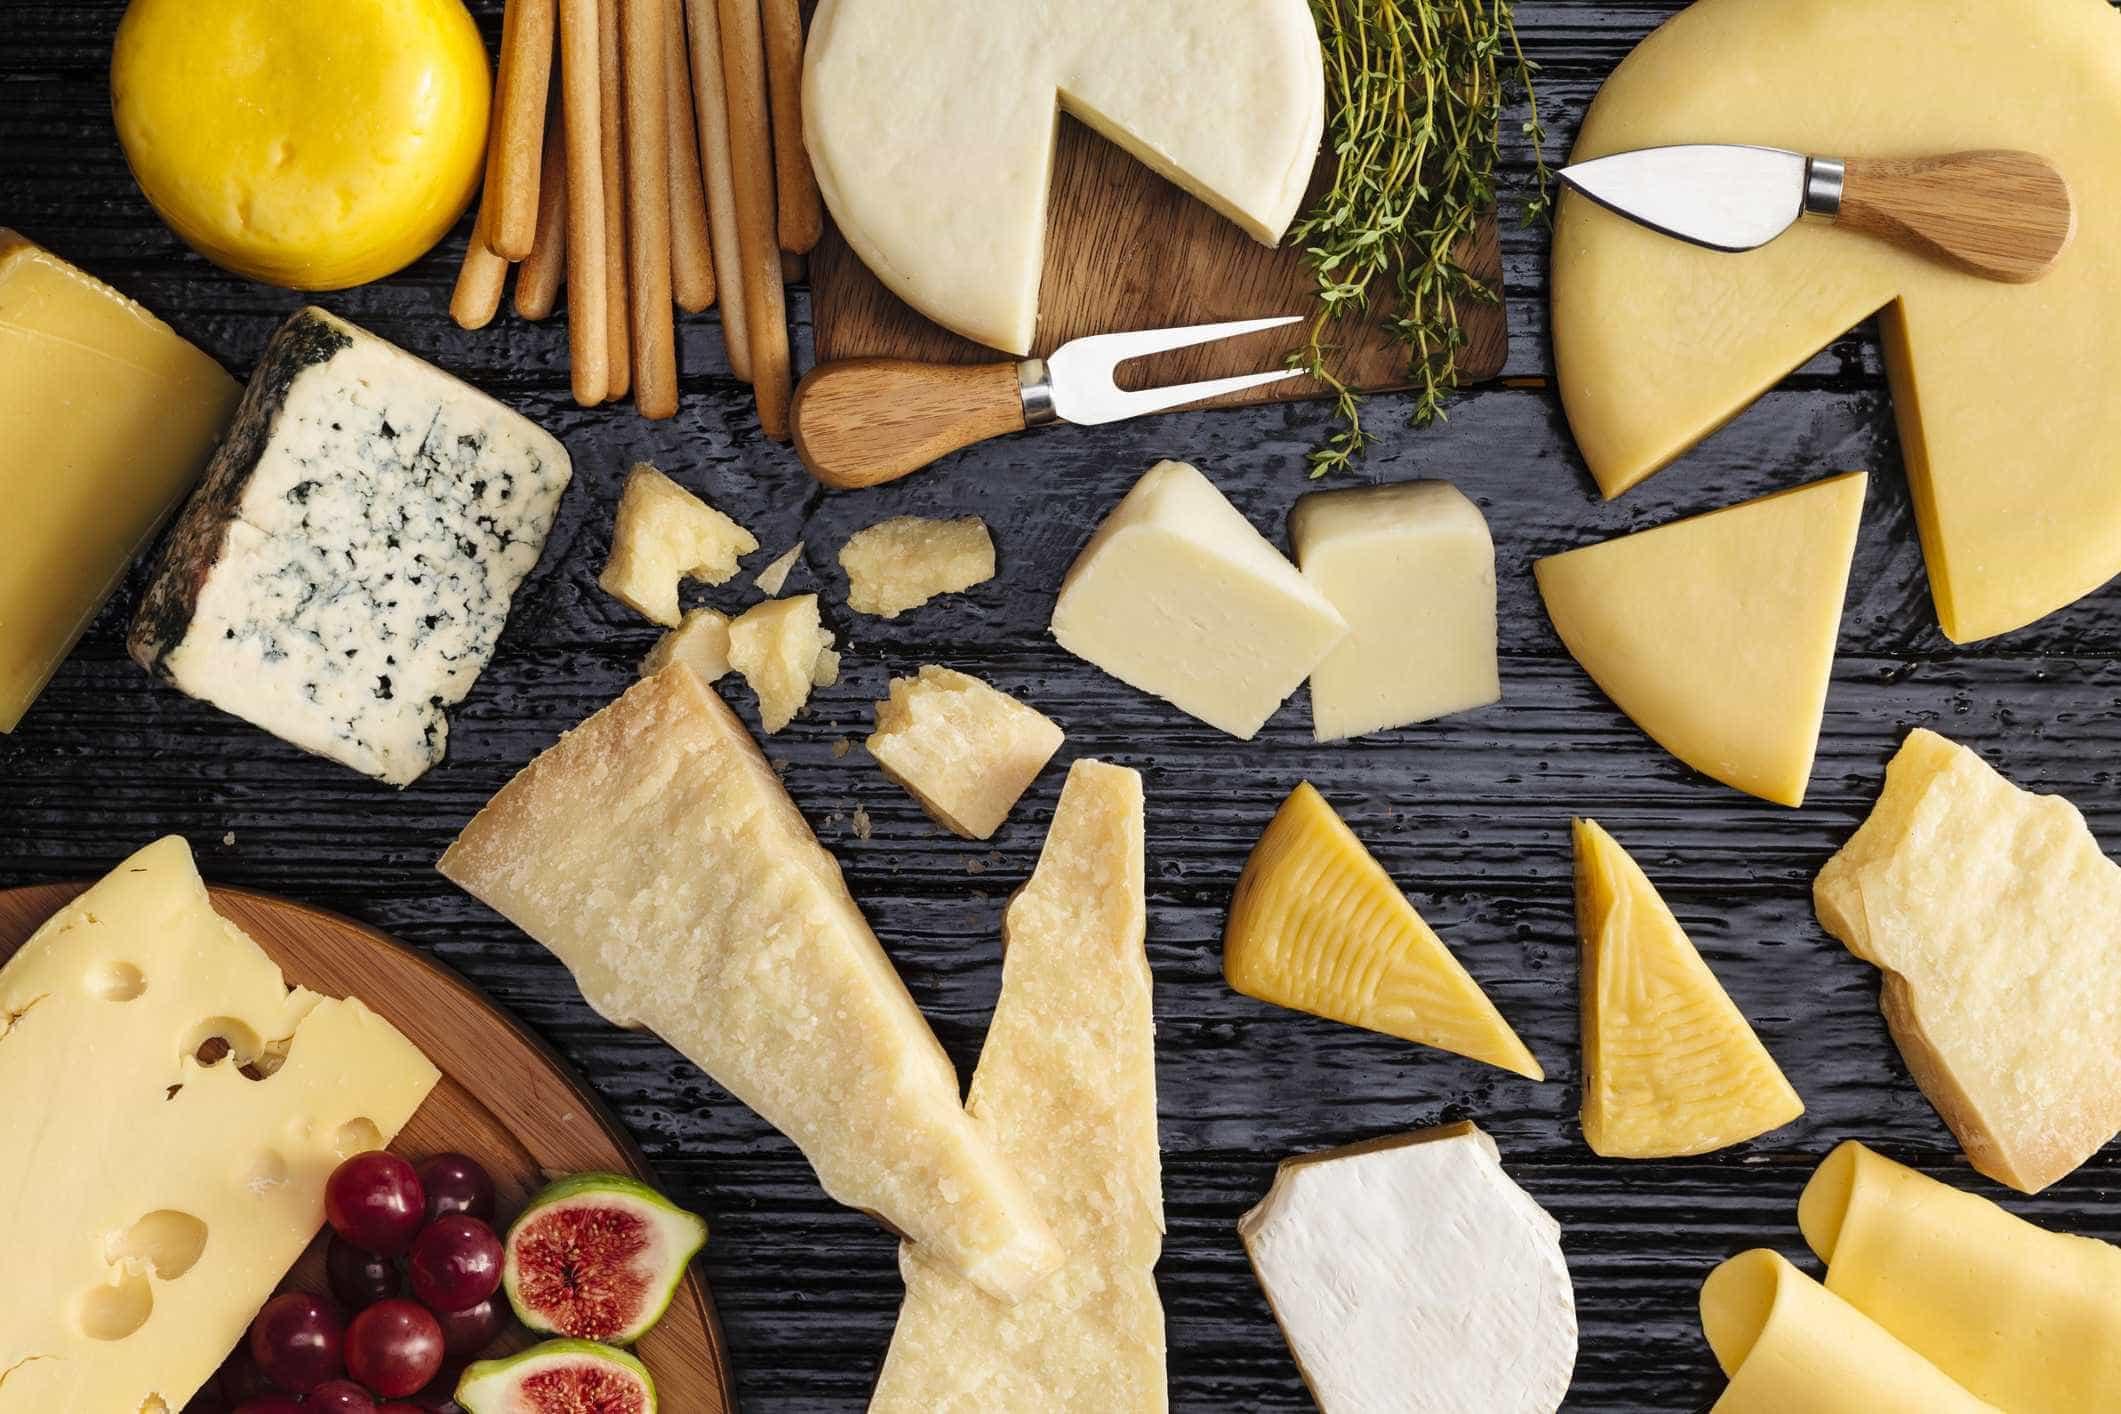 Você sabe qual o tipo de queijo mais saudável? Nutricionista orienta